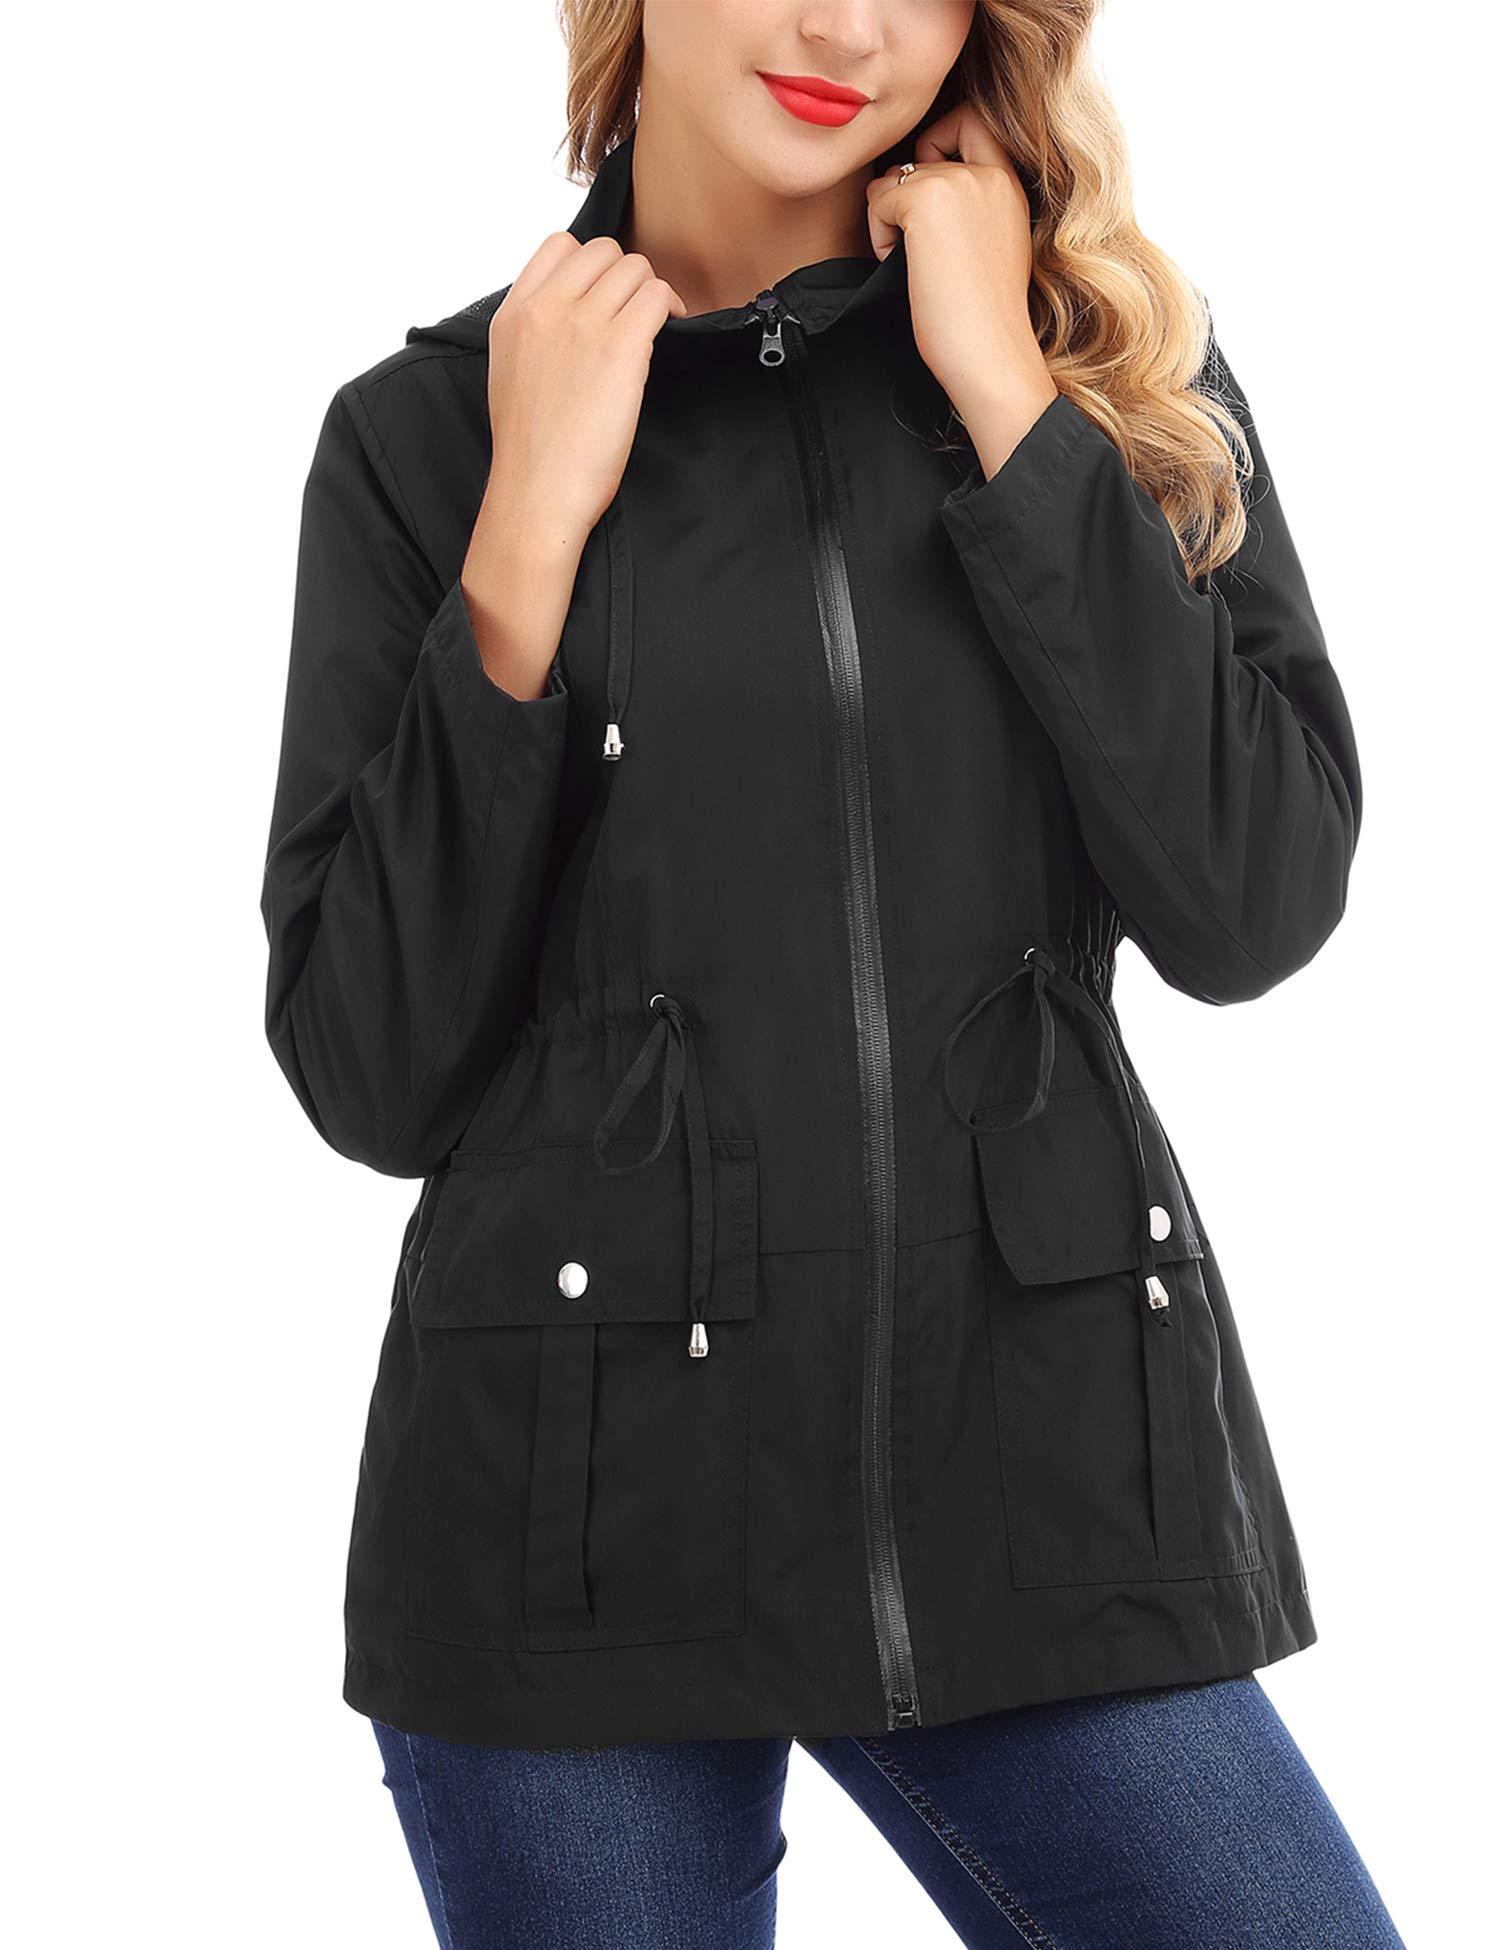 FISOUL Women Rain Jackets Waterproof with Hood Lightweight Raincoat with Pockets Outdoor Windbreake Black S